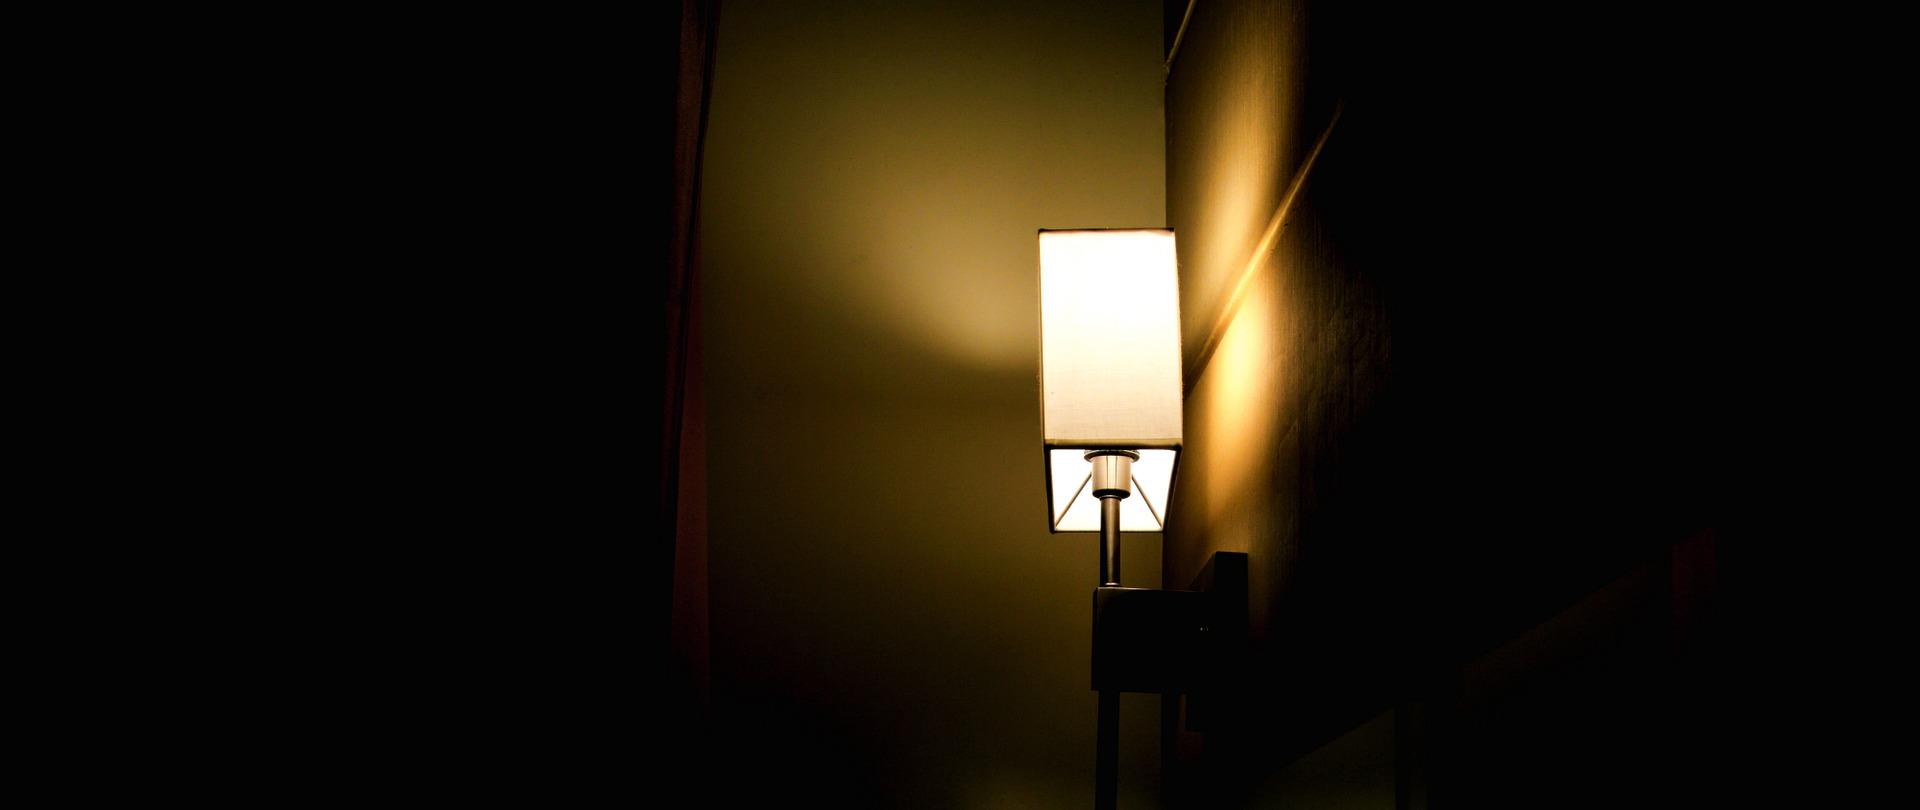 Luminaria ambiental